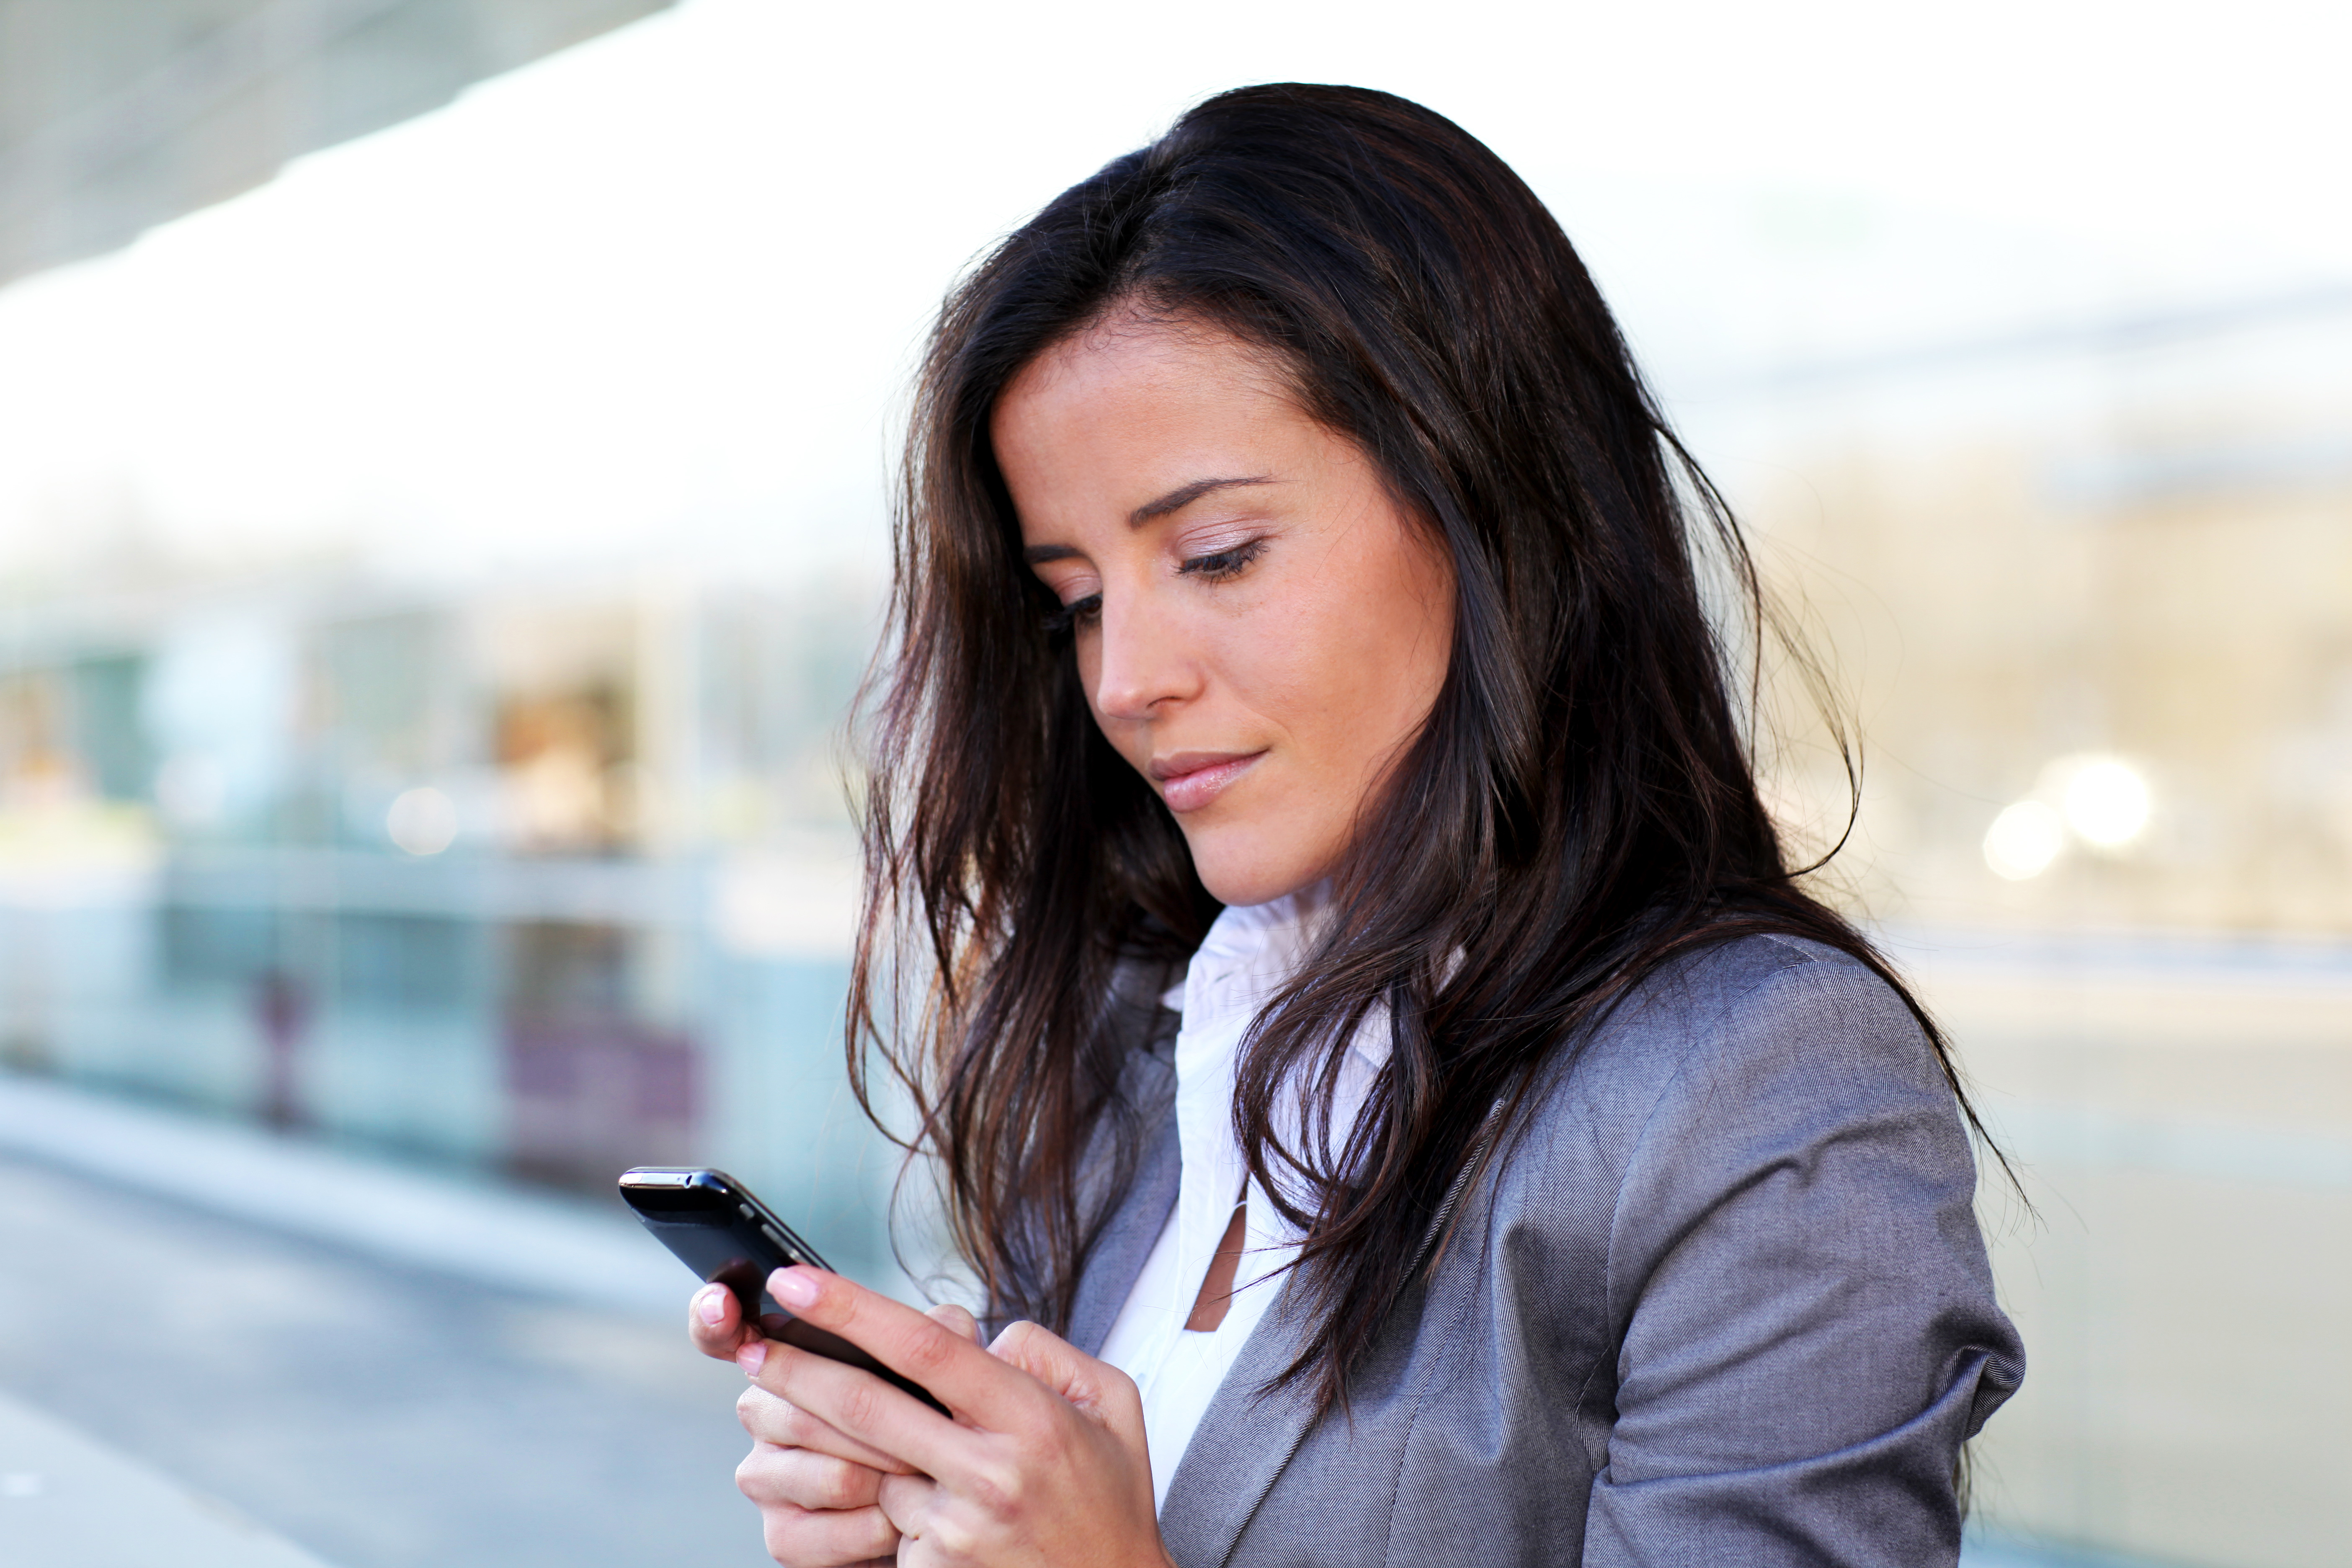 Peste 80% dintre posesorii de smartphone-uri accesează website-uri de pe dispozitive mobile